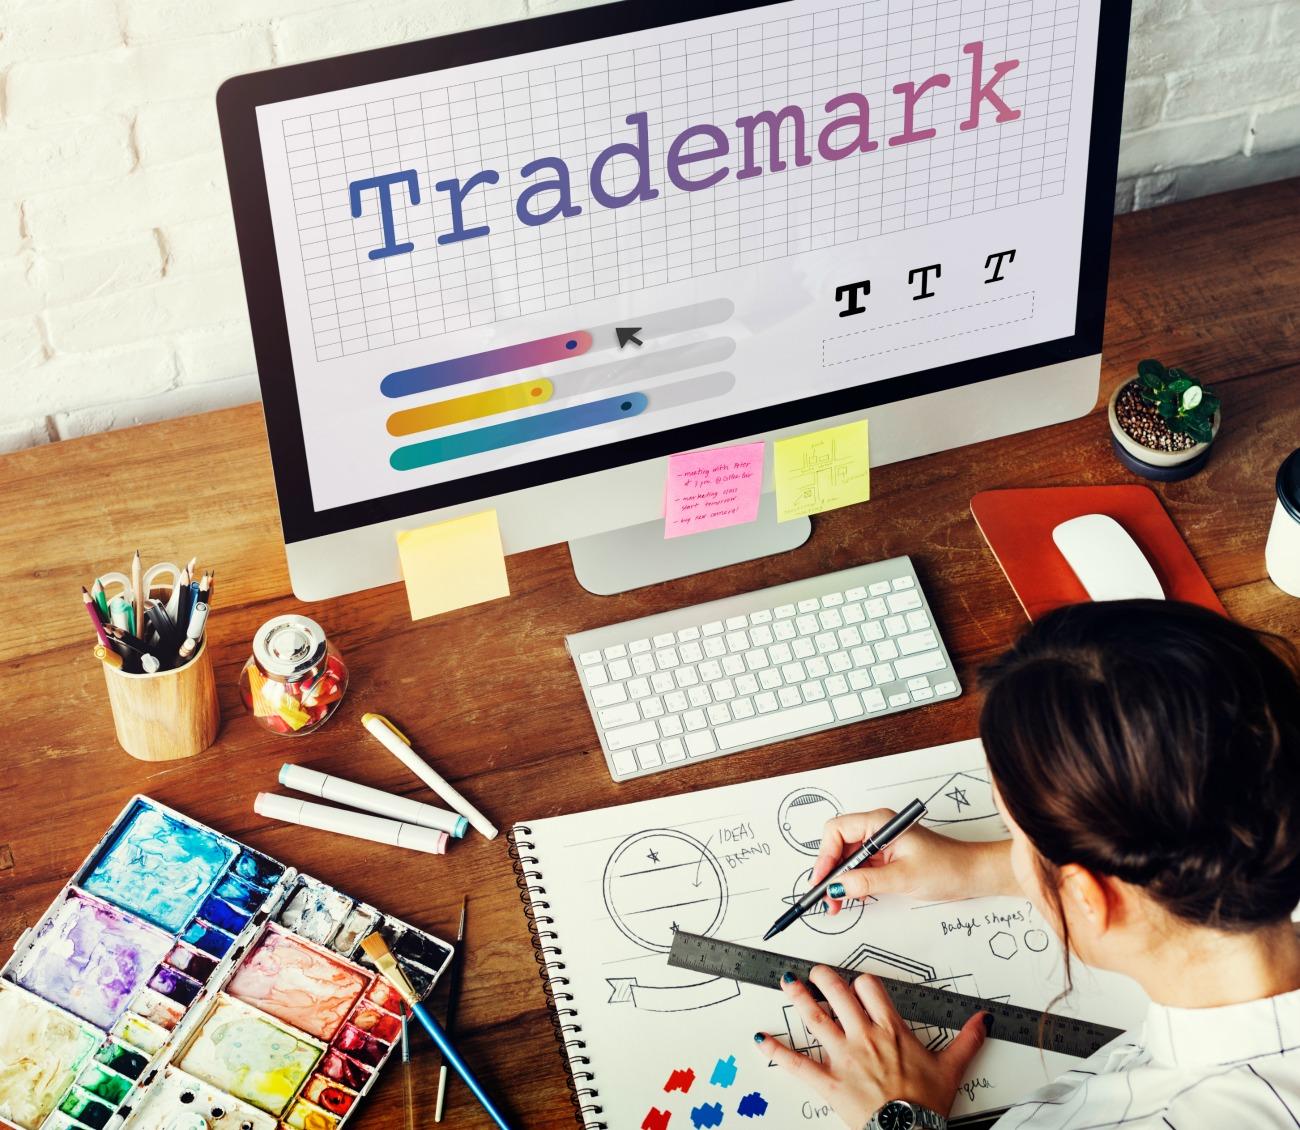 trademark-attorney-denver.jpg